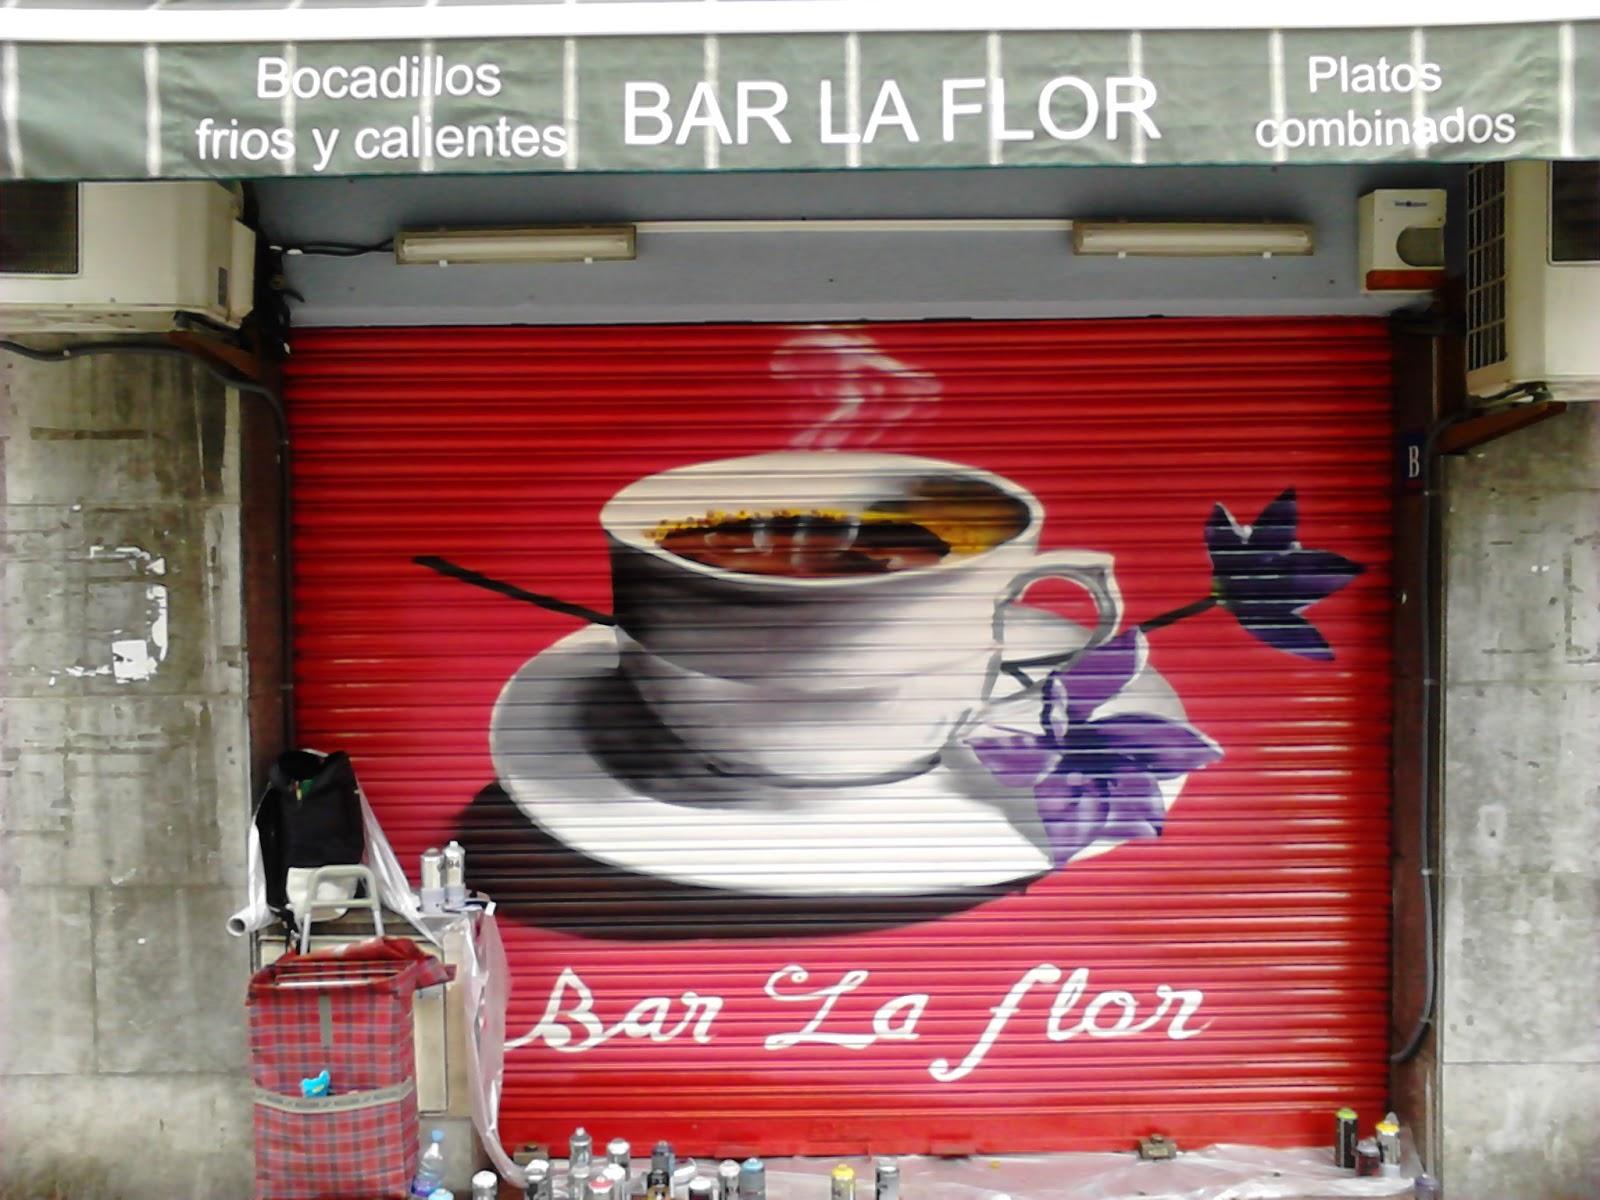 Graff y trabajos de decoracion verano 2014 sh for Trabajos de verano barcelona